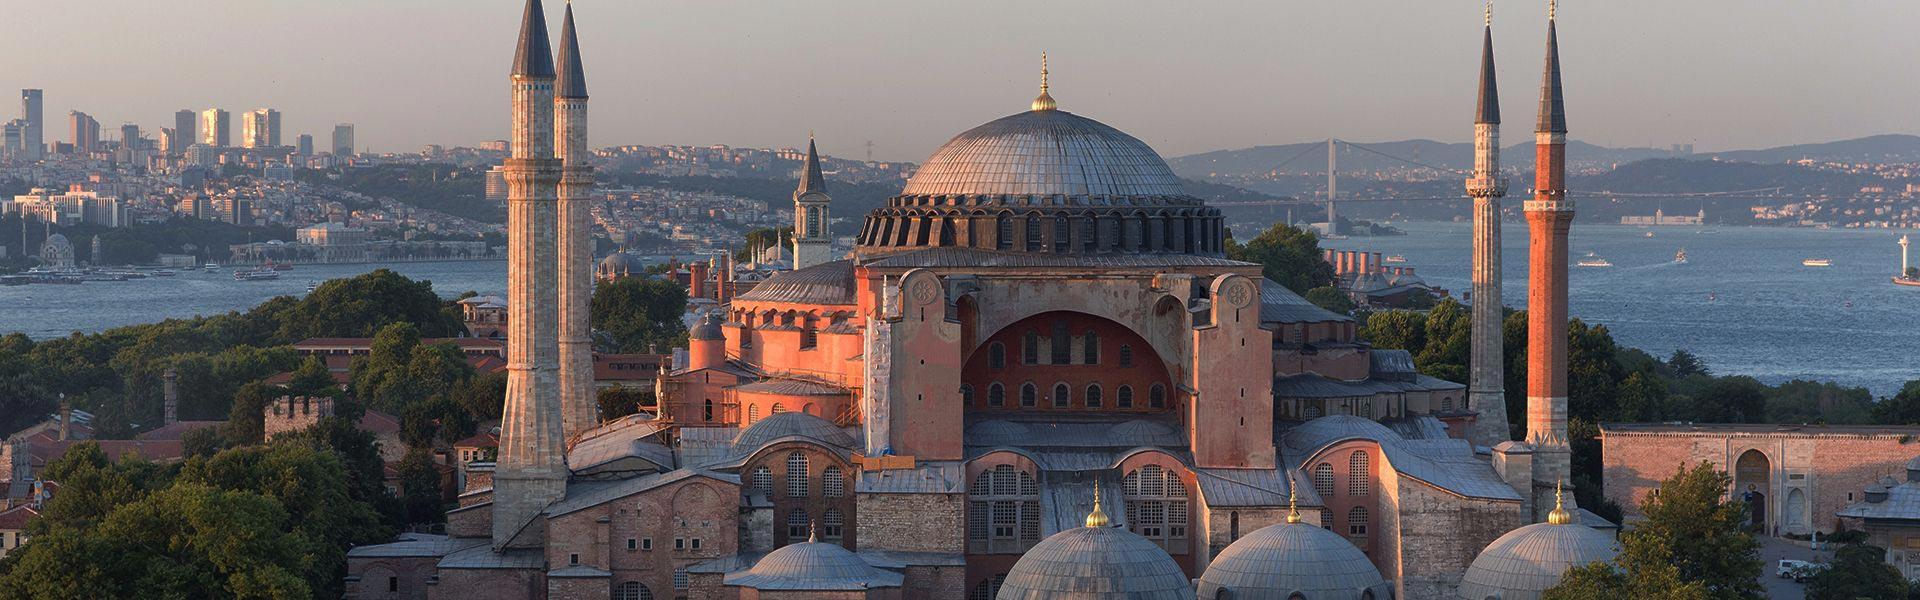 """8 μέρες / 7 νύκτες """"Εκλεκτό Αιγαίο"""" Κωνσταντινούπολη-Τσανάκκαλε & Τροία, Θεσσαλονίκη-Βόλος-Σαντορίνη 2021 & 2022 12"""